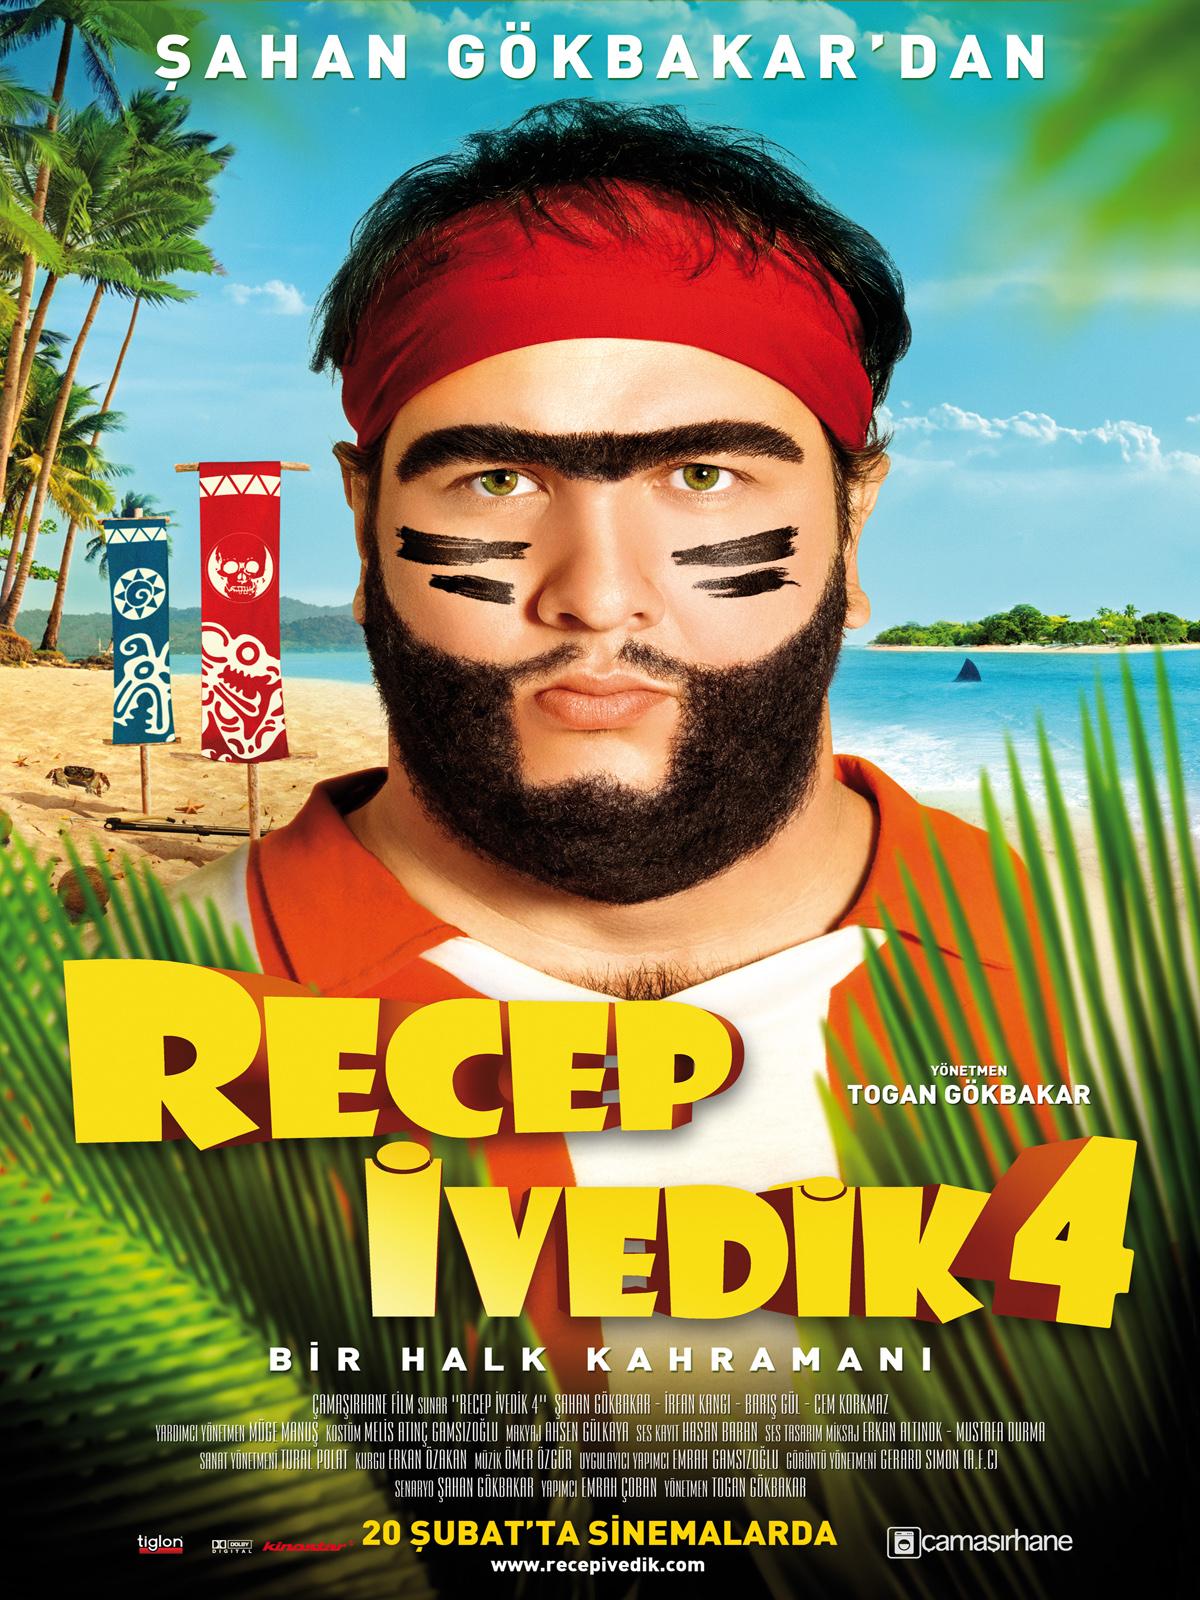 Recep Ivedik 4 Filmi En Yeniler Yorumlar Beyazperde Com